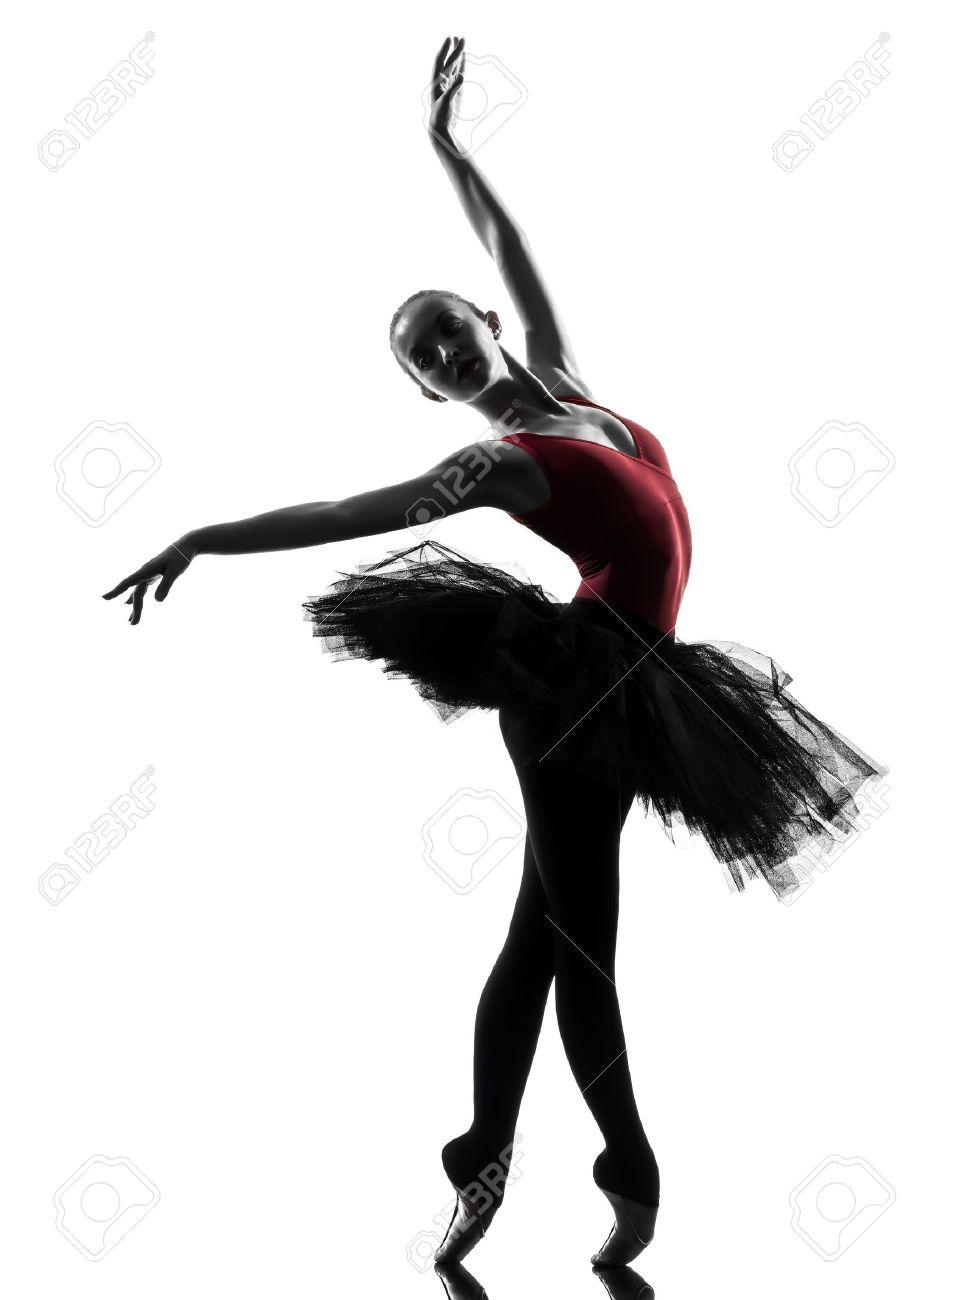 Caucásico Bailarina Con Joven Mujer Bailando Un De Ballet l5uJc1TFK3